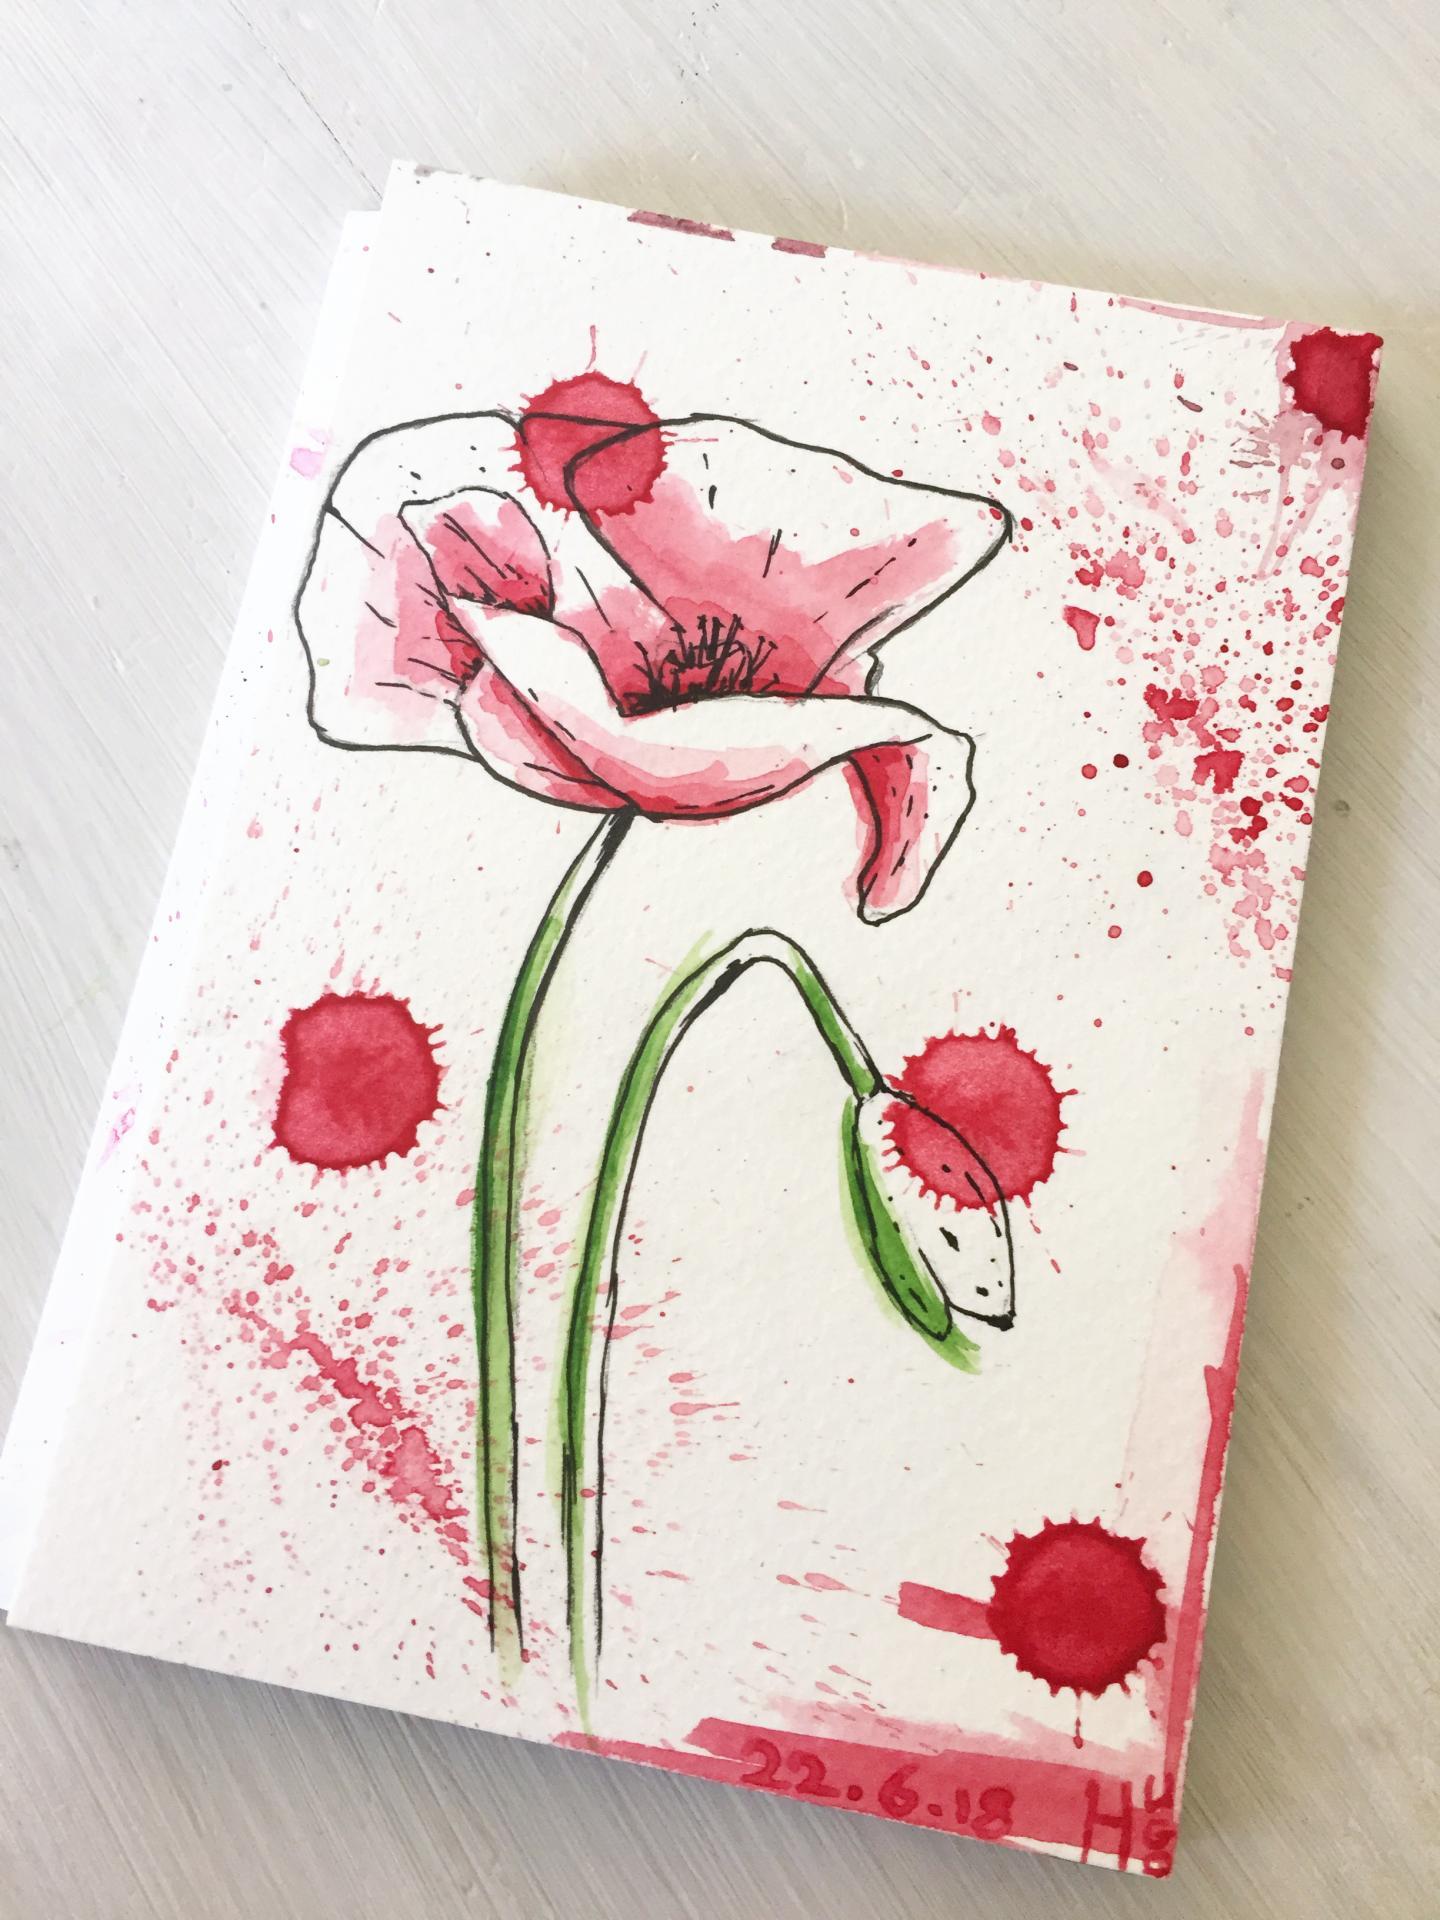 coquelicot watercolor